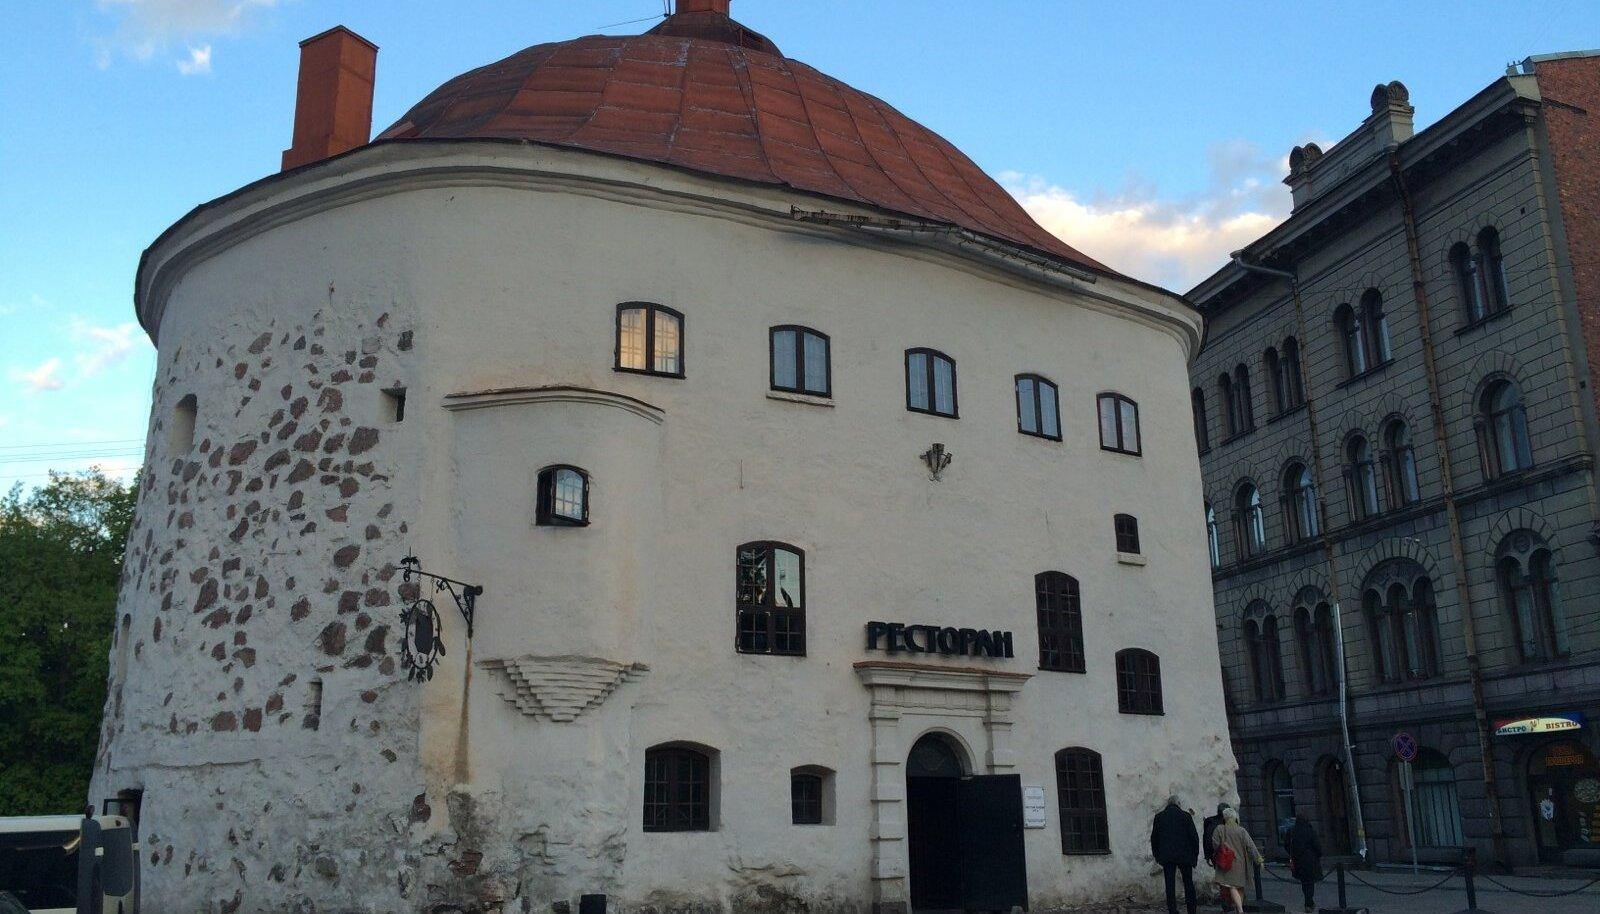 Restoran Viiburis ümmarguses tornis, mis oma väliskujult pole 465 aasta jooksul muutunud, küll aga on uuendusi tehtud sisustuses ja igavikku läinud kunagised kaitsemüürid.